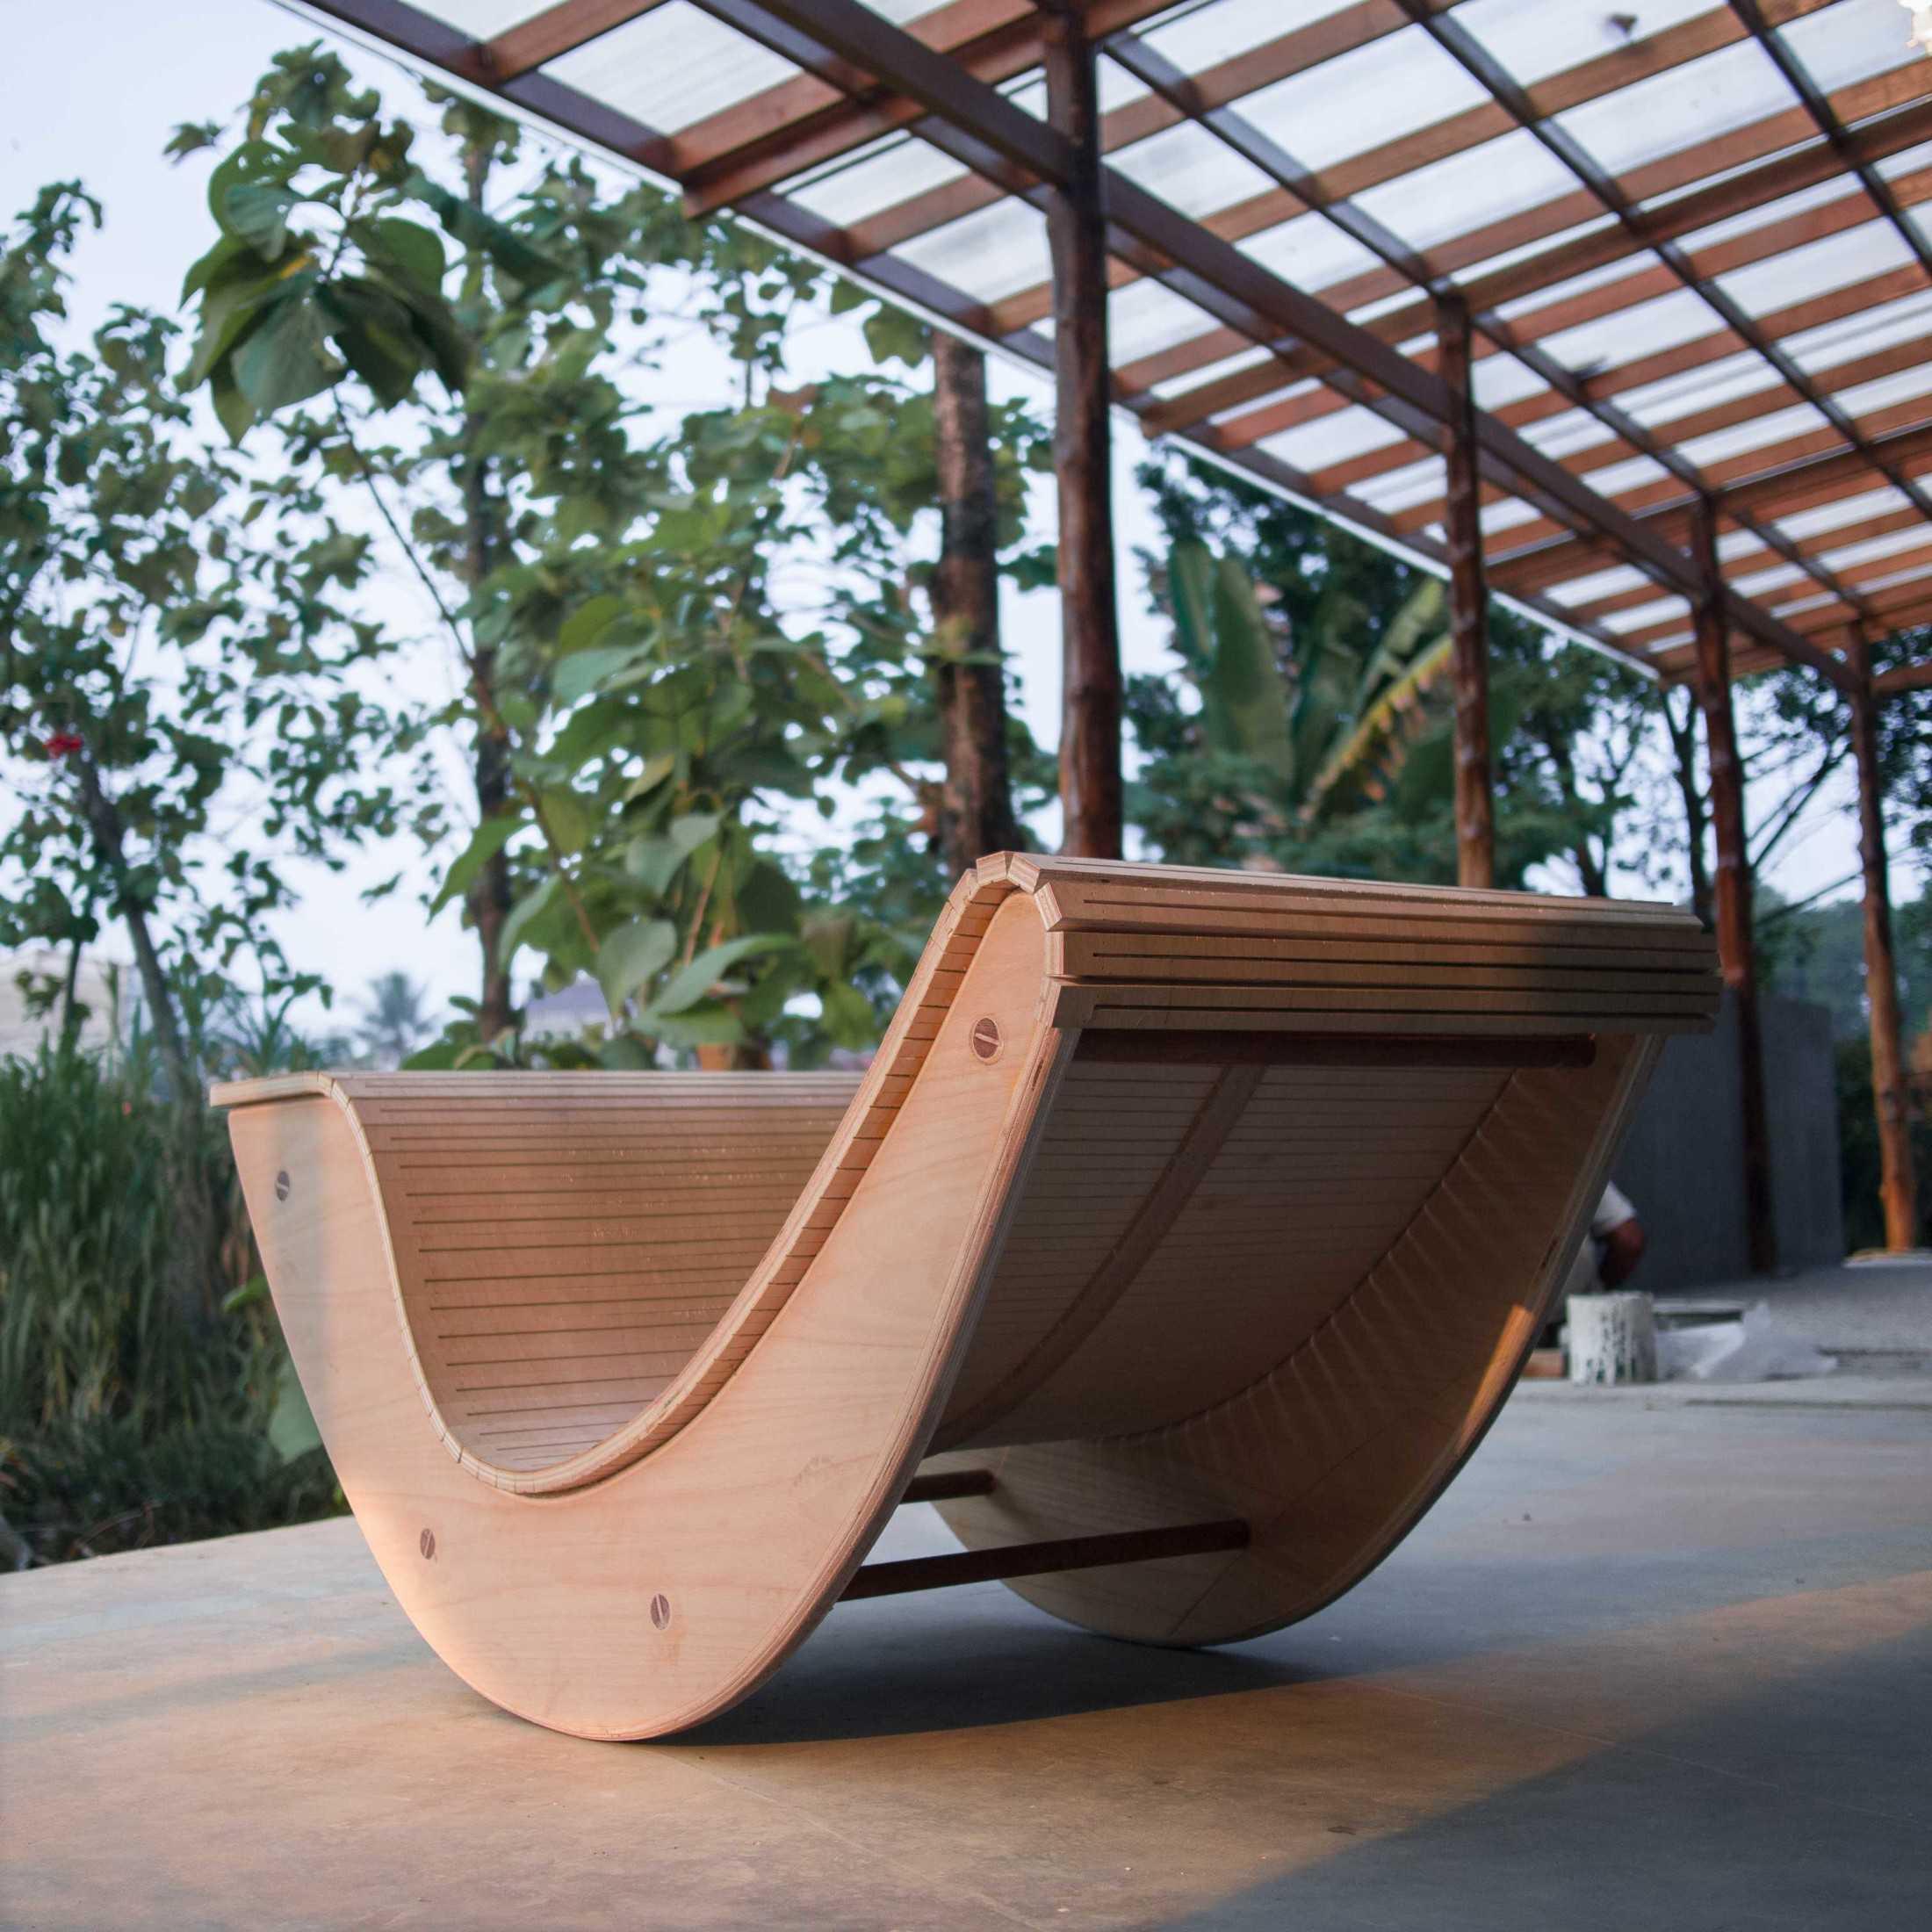 Rootslab Furniture & Craft Project Bekasi, Kota Bks, Jawa Barat, Indonesia Bekasi, Kota Bks, Jawa Barat, Indonesia Rocking Chair  113014